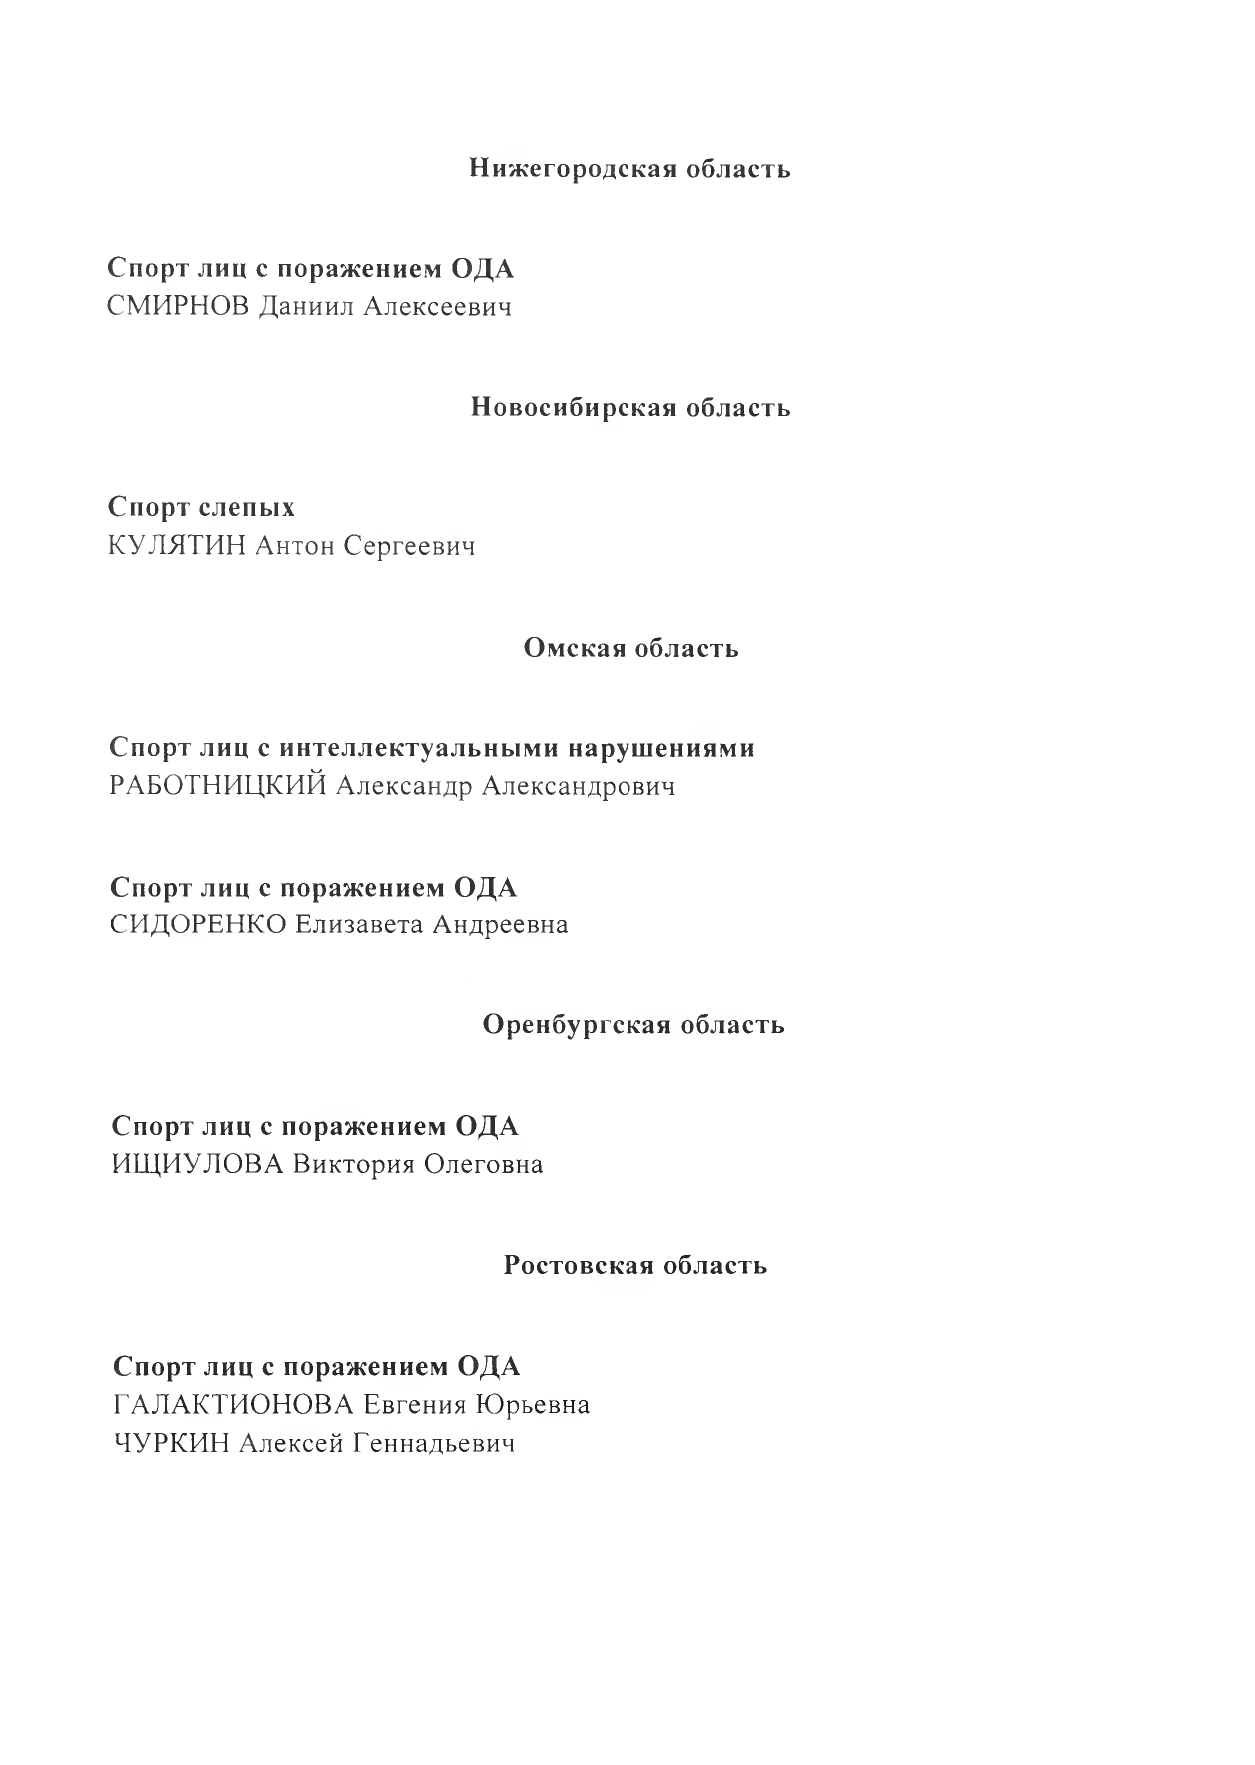 prikaz_o_prisvoenii_zasluzhennogo_ms_kuljatin-2.jpg